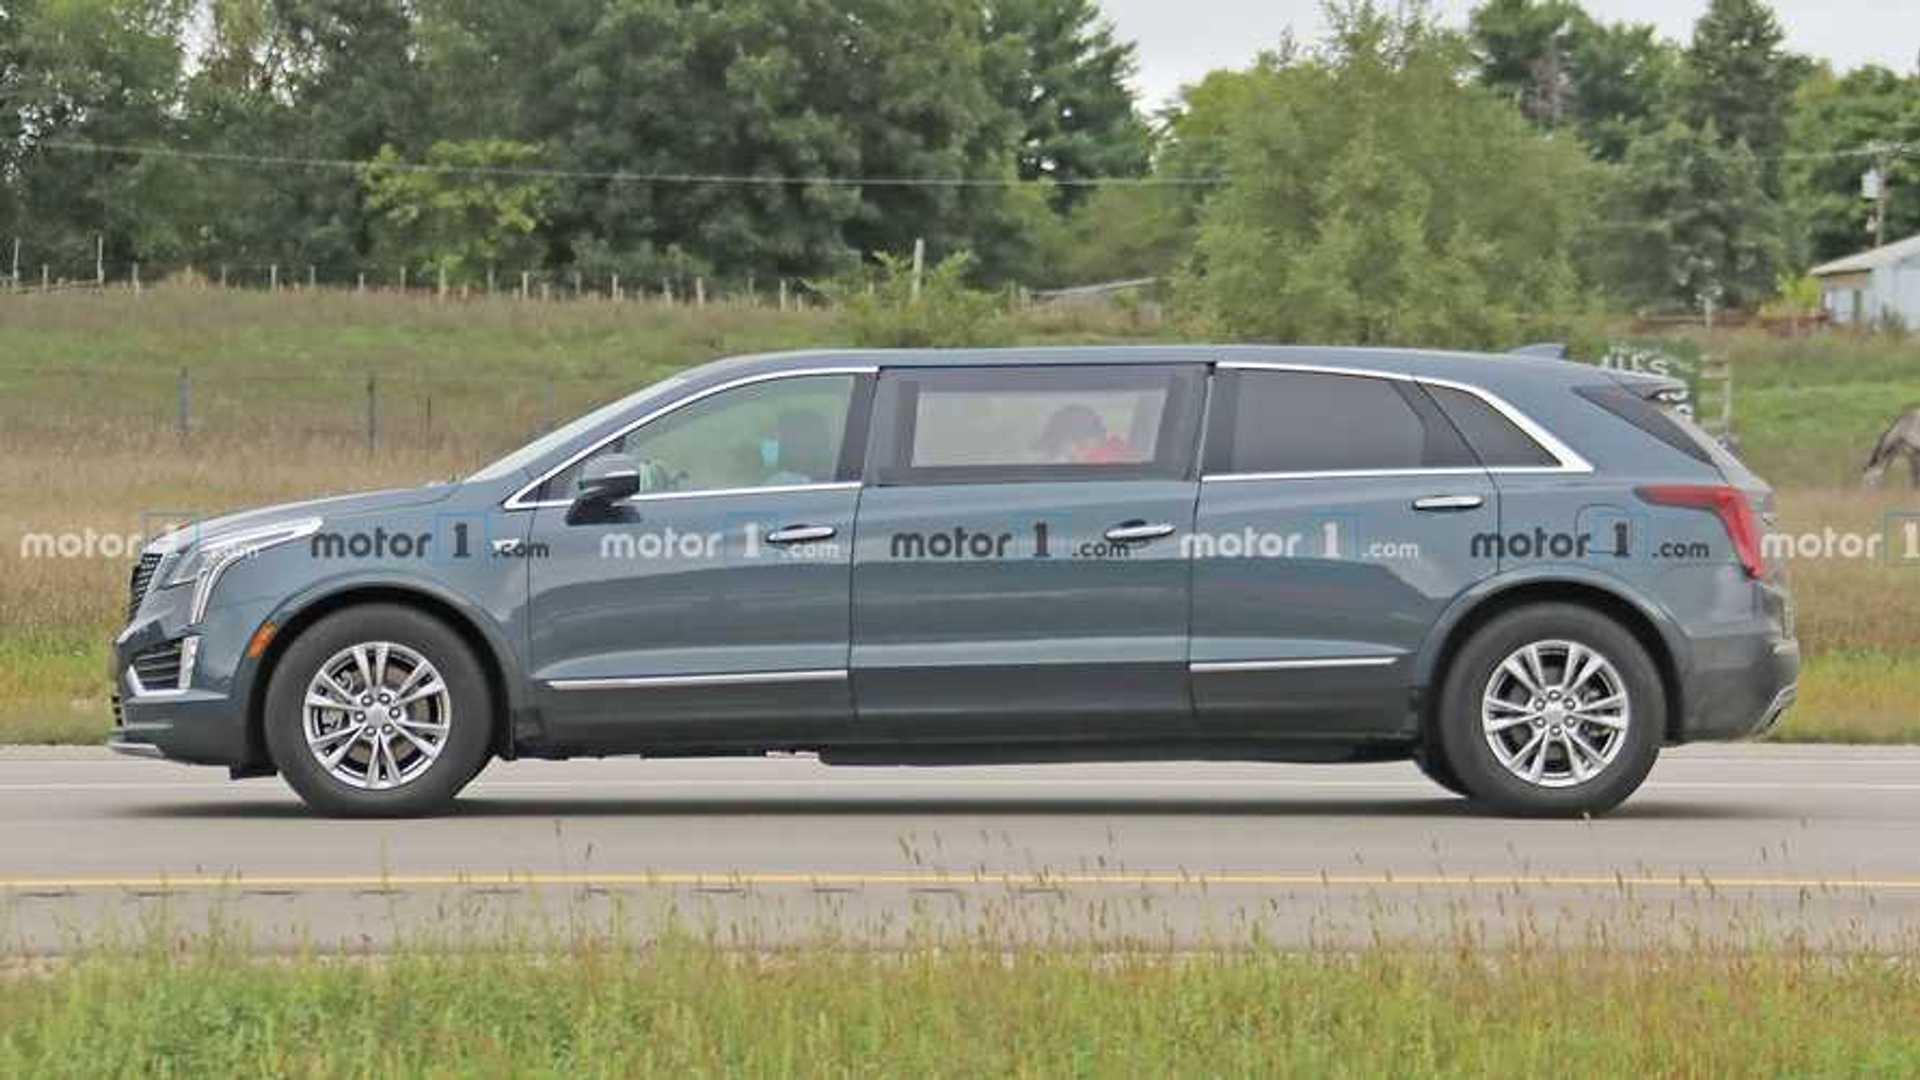 Подробности о Cadillac XT5 Hearse и лимузине